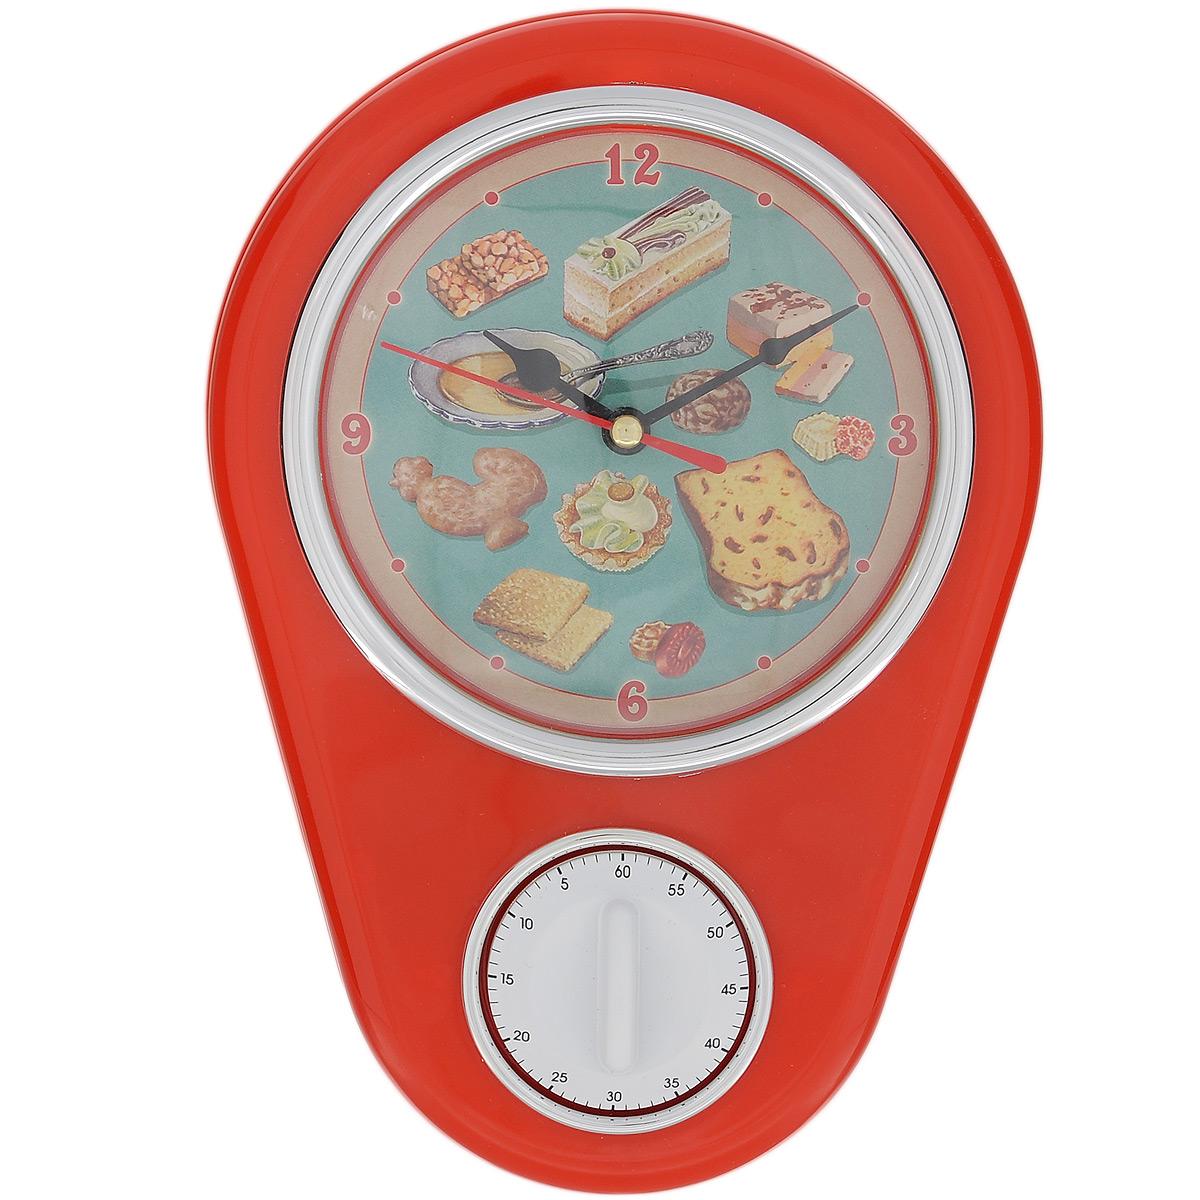 Часы кухонные Ретро-вкусности с таймером, настенные, цвет: красный37381Кухонные настенные часы Ретро-вкусности в ретро стиле прекрасно дополнят интерьер кухни. Корпус выполнен из высококачественного пластика. Все механизмы скрыты в корпусе. Циферблат круглой формы, оформленный крупными арабскими цифрами и изображением сладостей, защищен стеклом. Имеется встроенный таймер на 60 минут, его удобно использовать во время приготовления блюд. Часы подвешиваются на стену. Часы работают от одной пальчиковой батарейки тип АА (не входит в комплект). Диаметр циферблата: 11,3 см. Размер часов: 16 см х 5 см х 22,5 см.